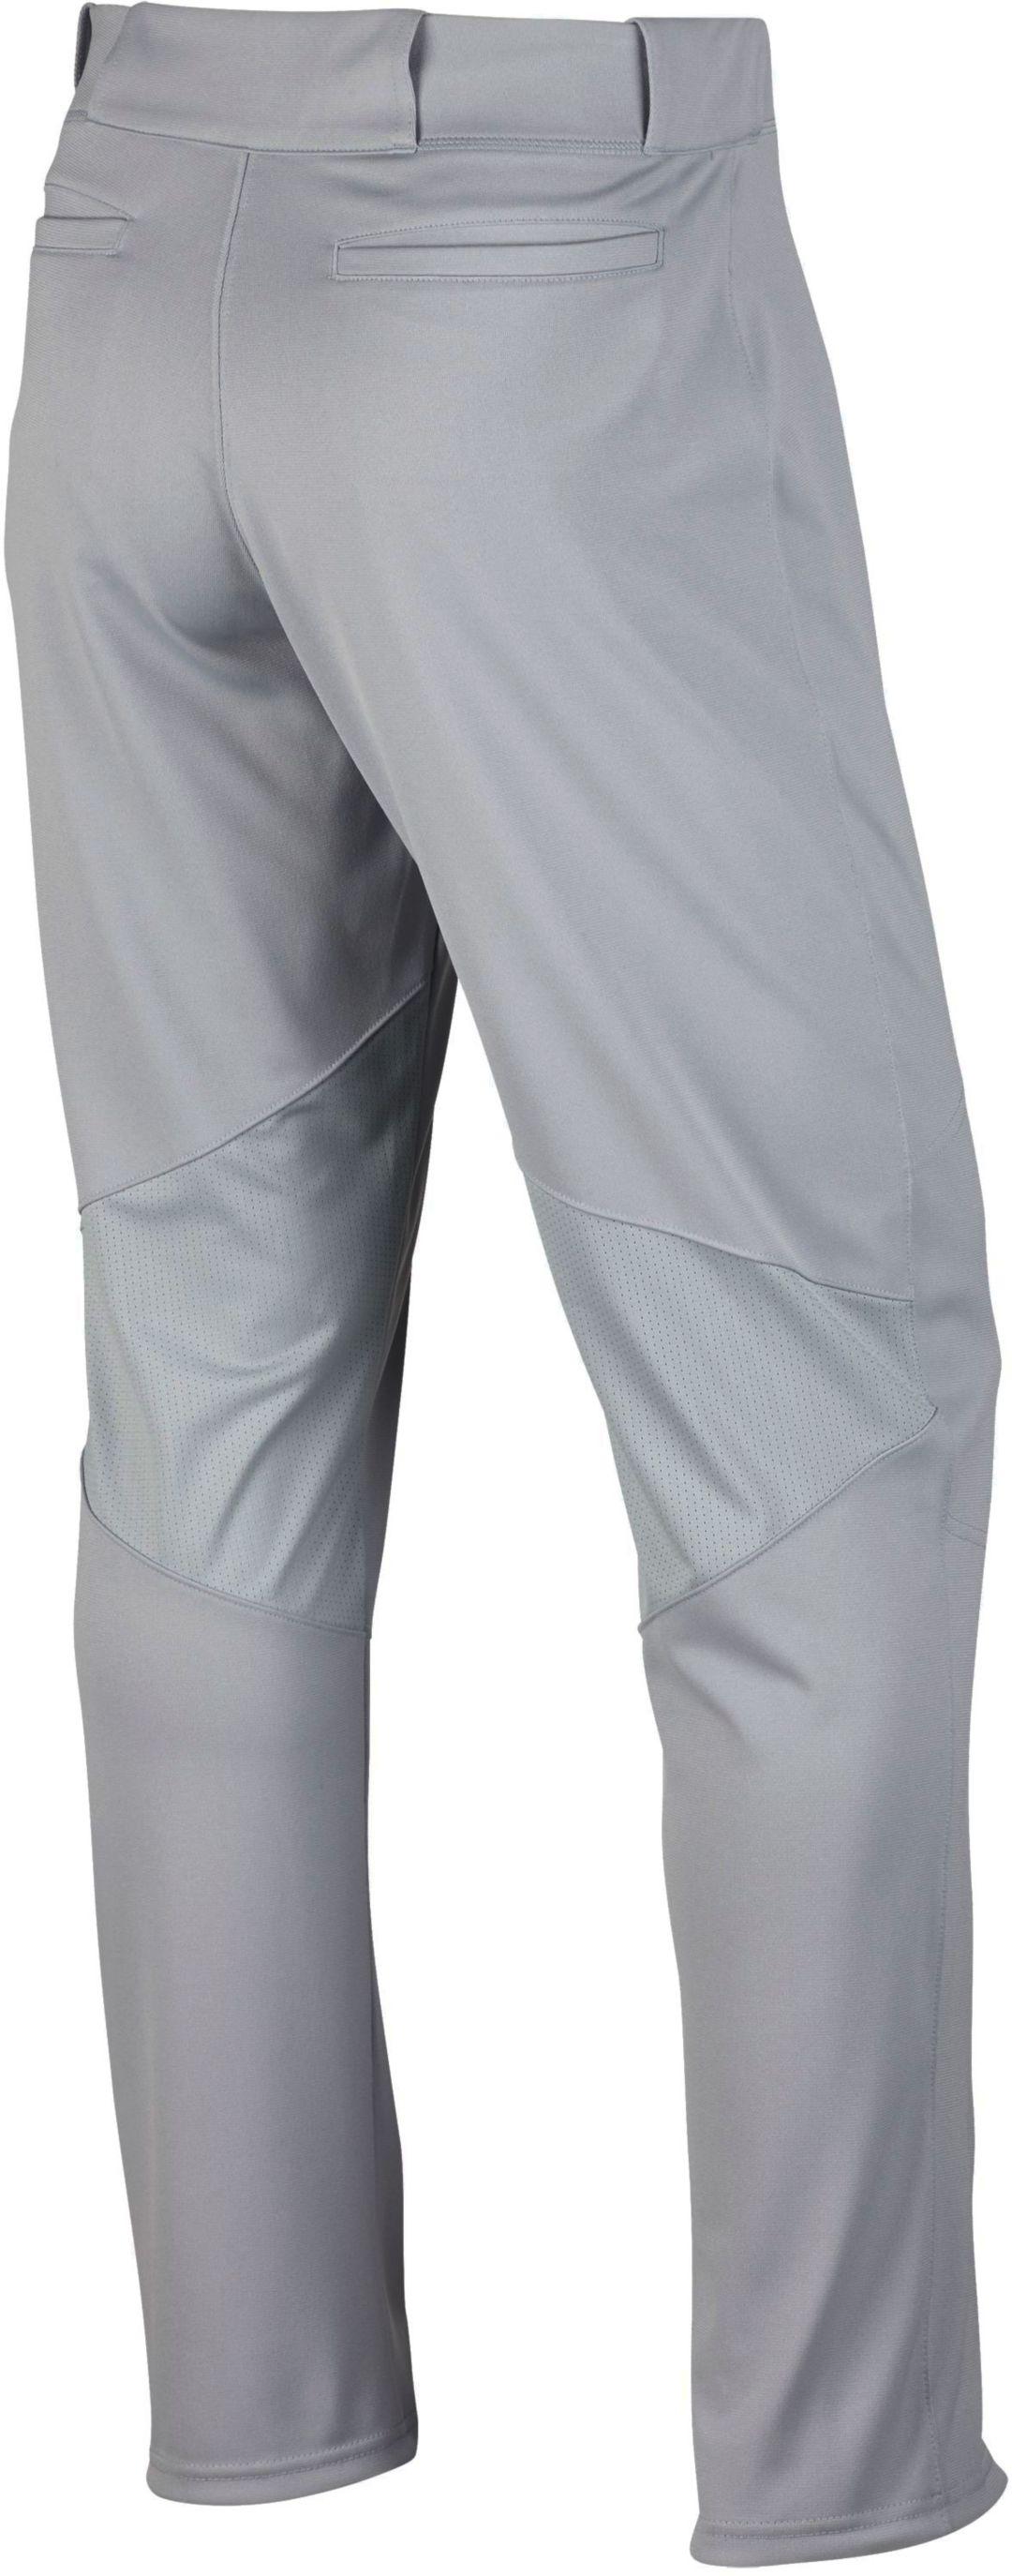 206d0fe371c087 Nike Men's Pro Vapor Baseball Pants | DICK'S Sporting Goods